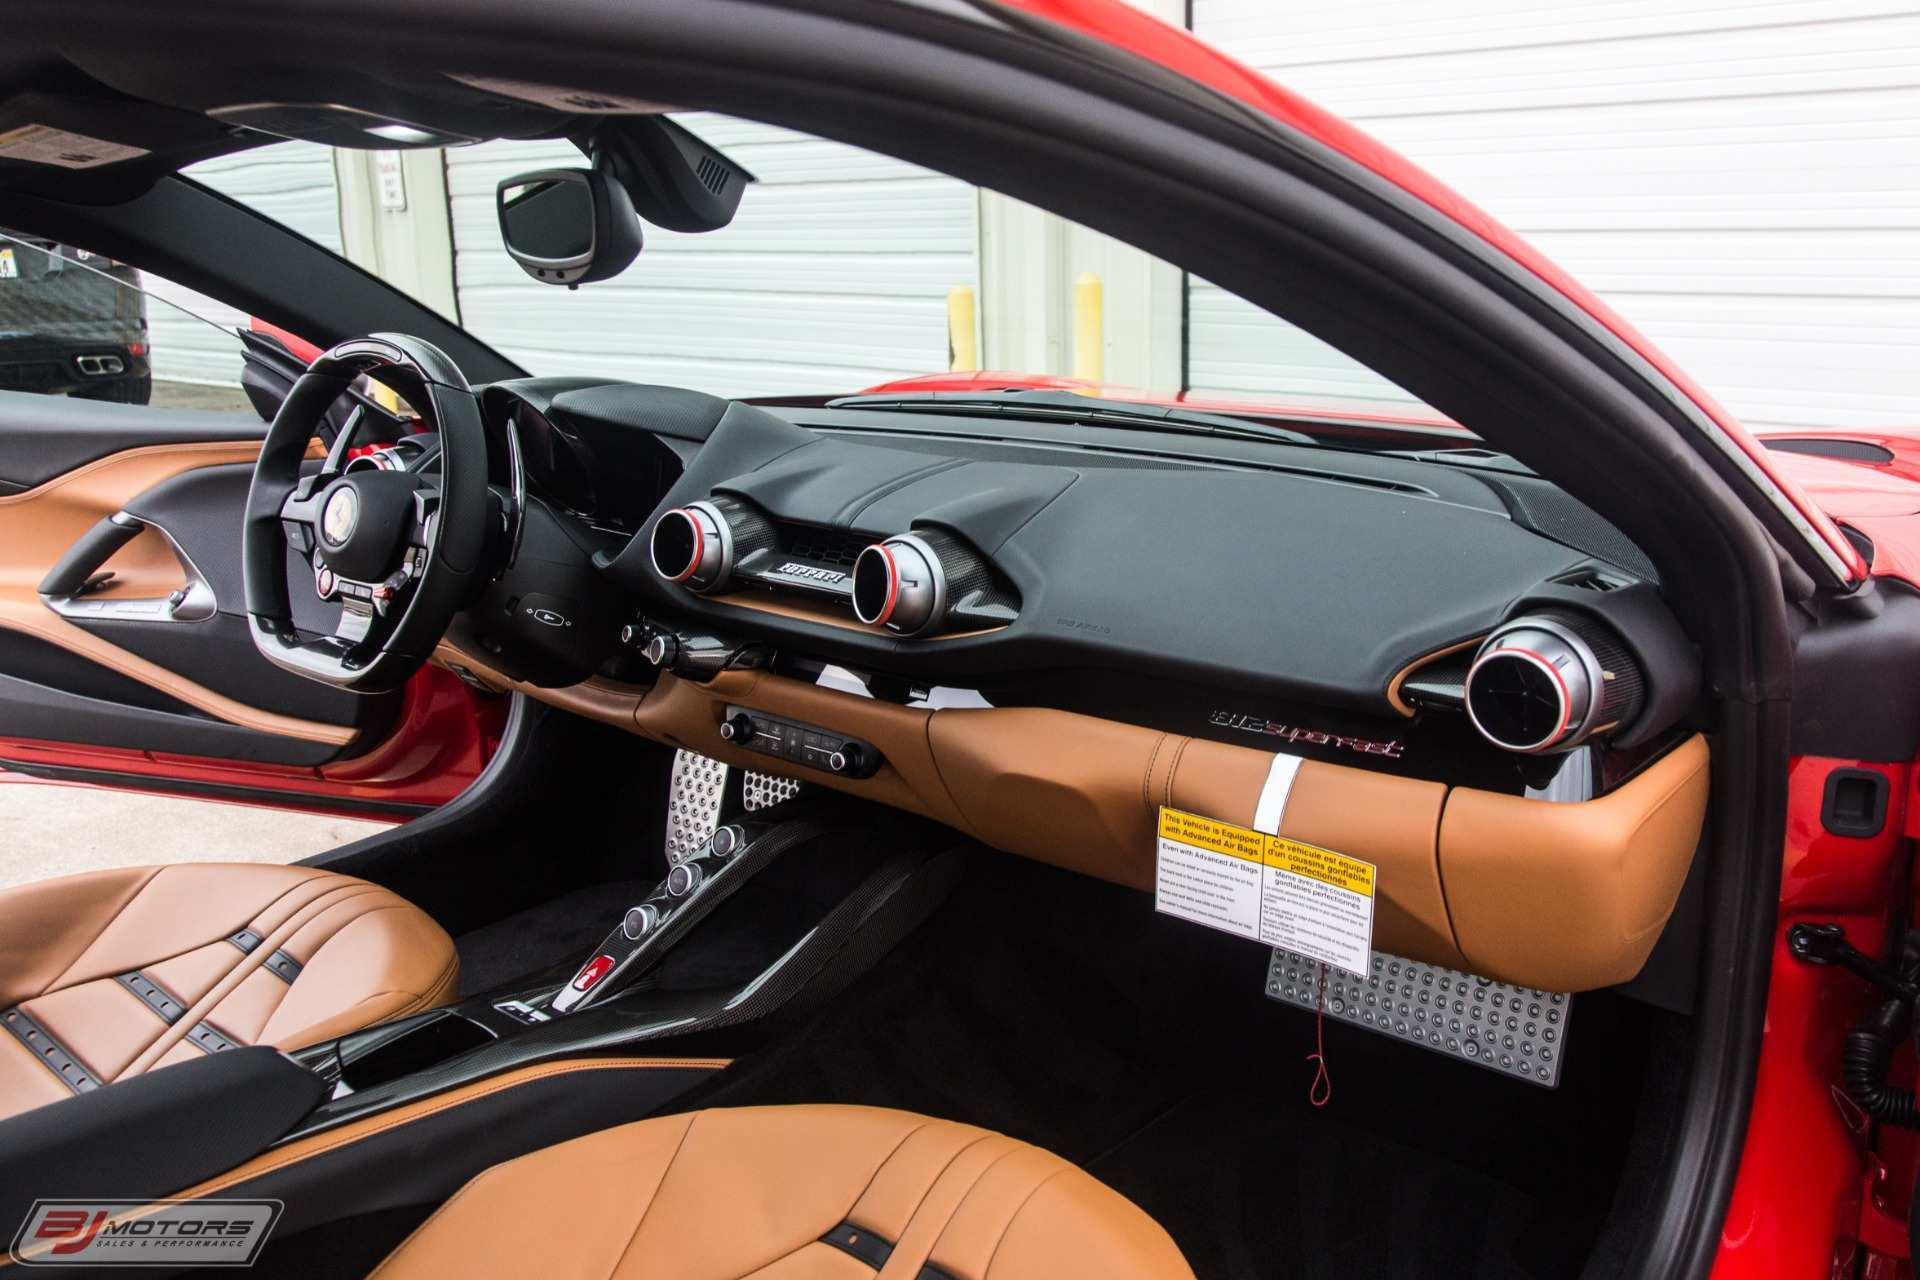 98 Best Review 2019 Ferrari Interior Price by 2019 Ferrari Interior